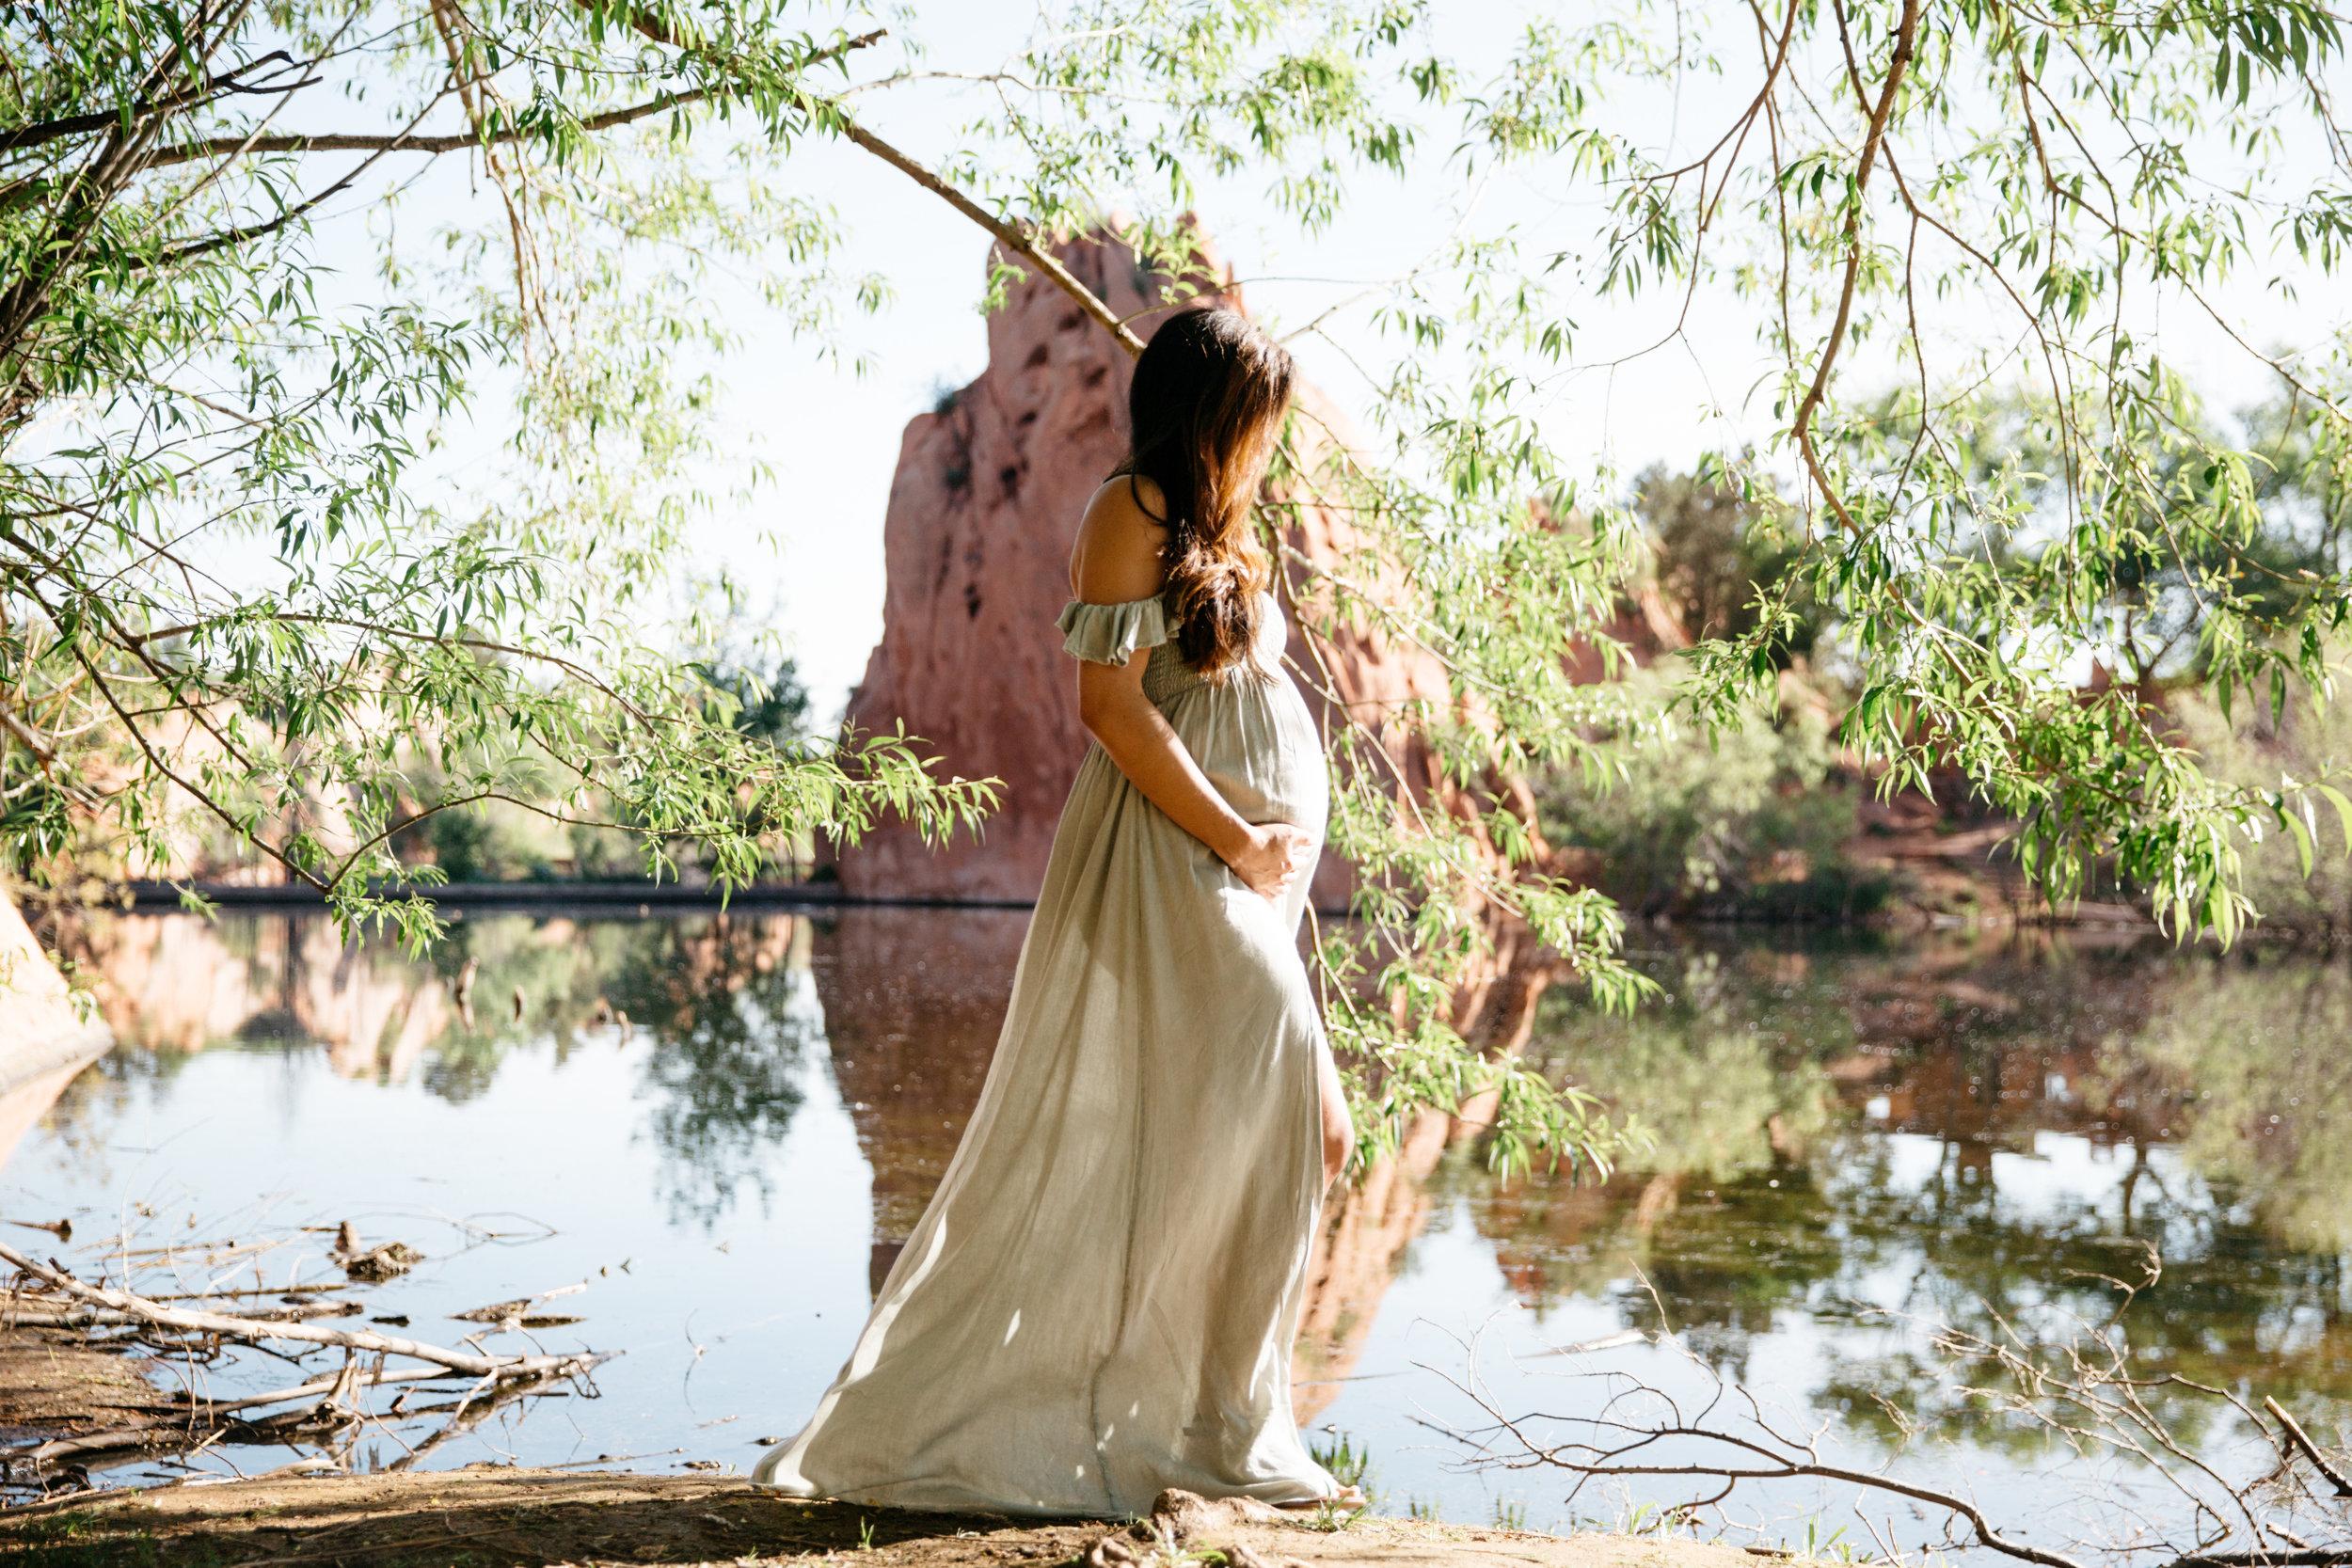 colorado-springs-maternity-photographer-46.jpg